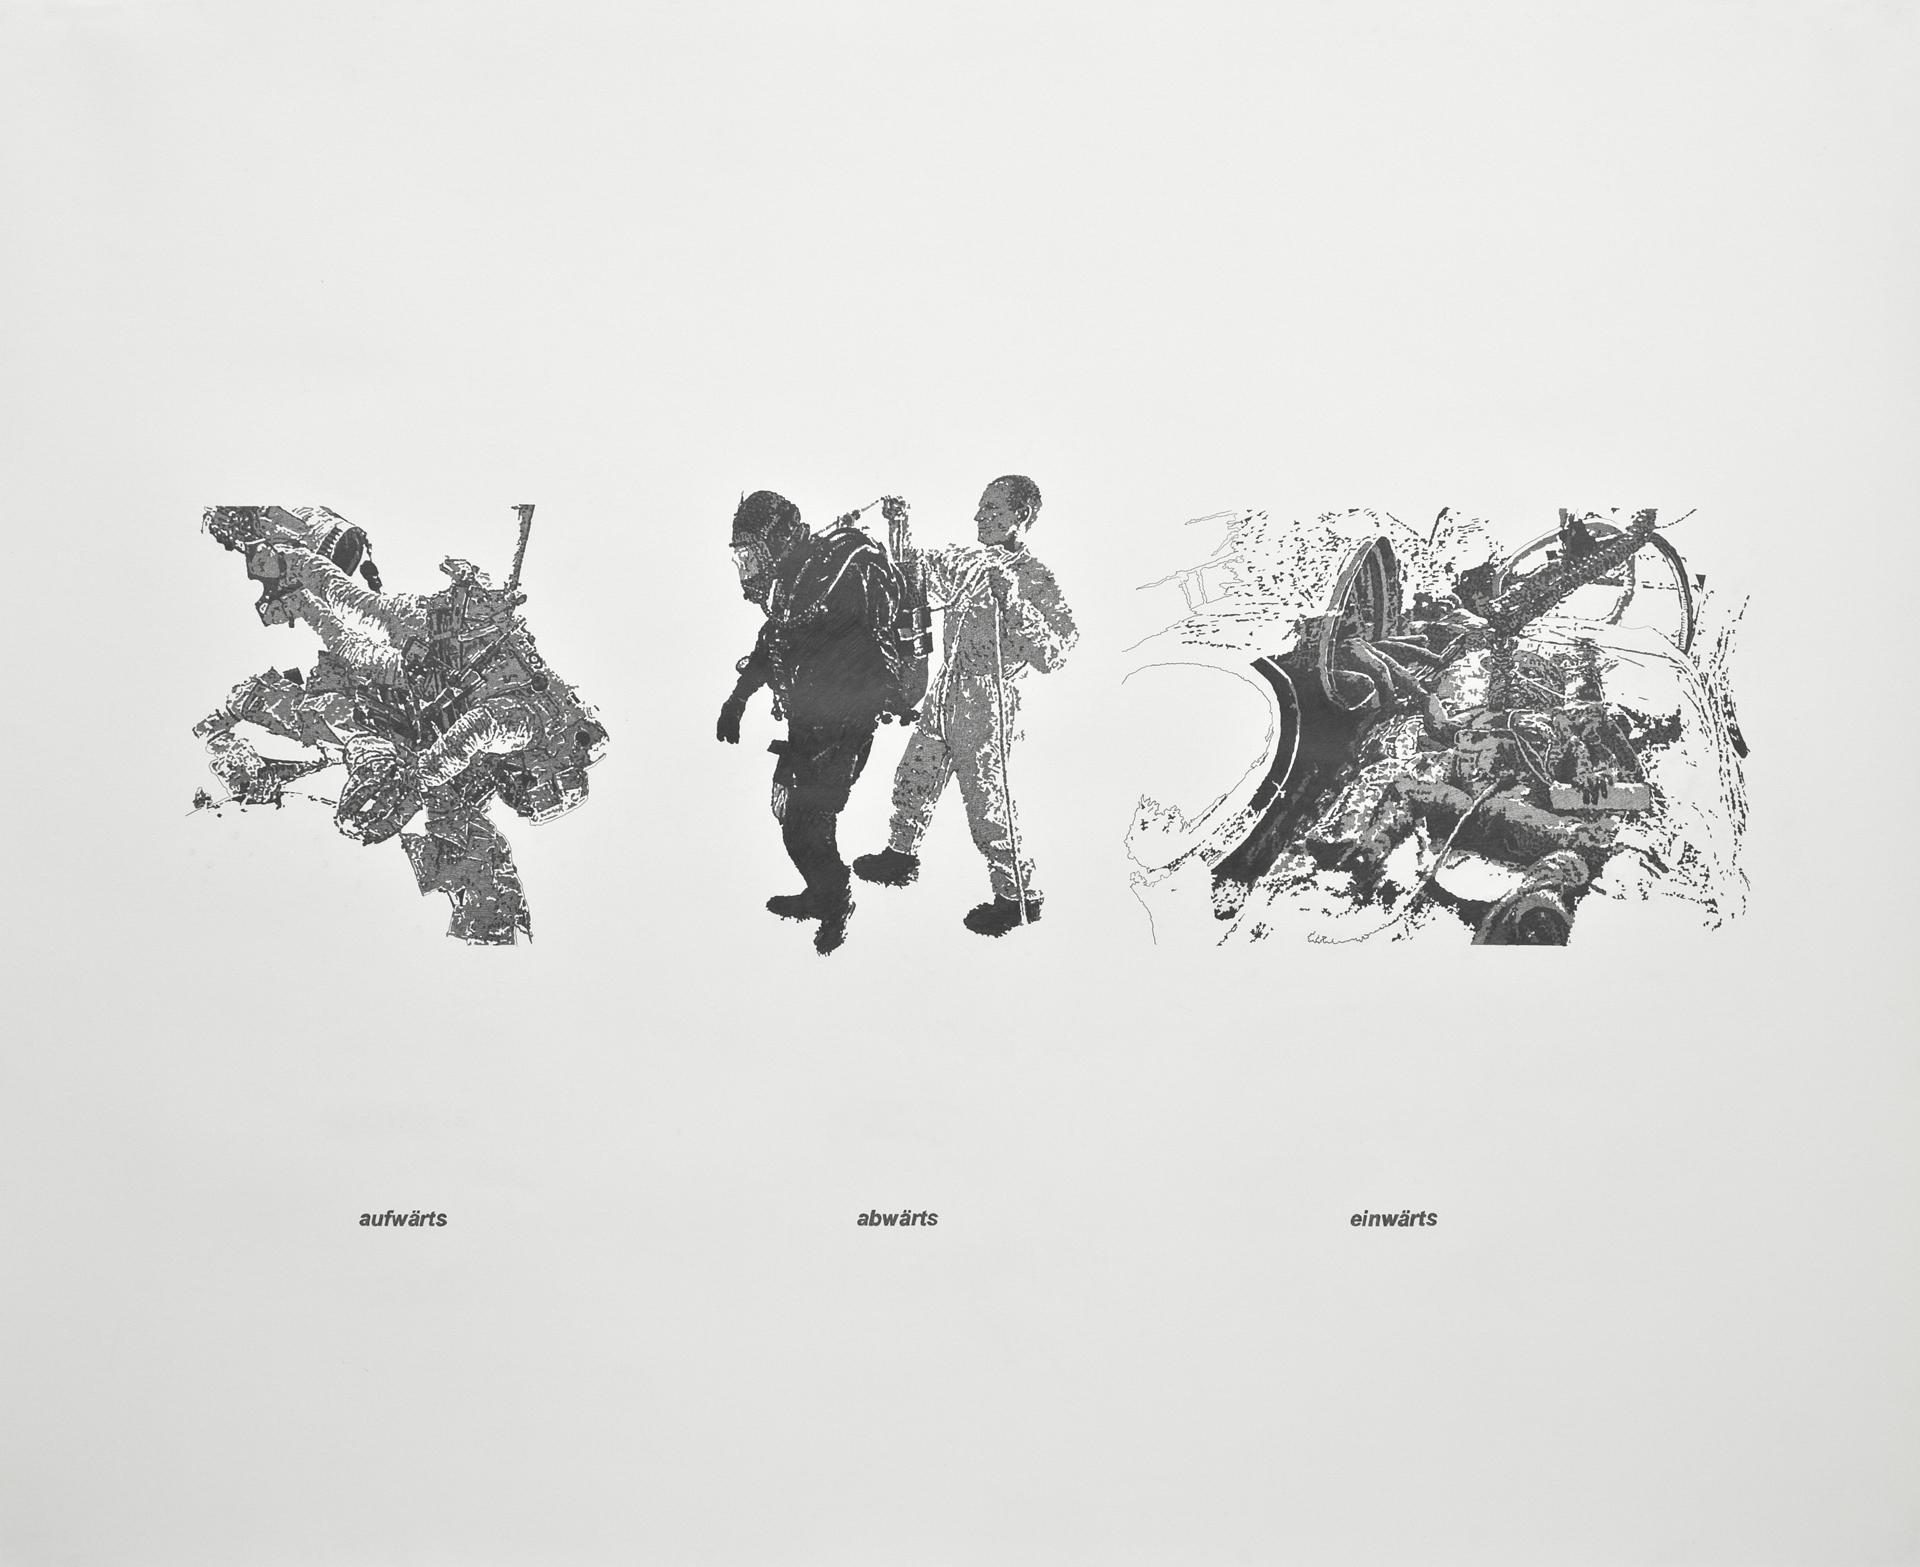 aufwärts, abwärts, einwärts, Bleistift auf Papier, 107cm x 132cm, 2007